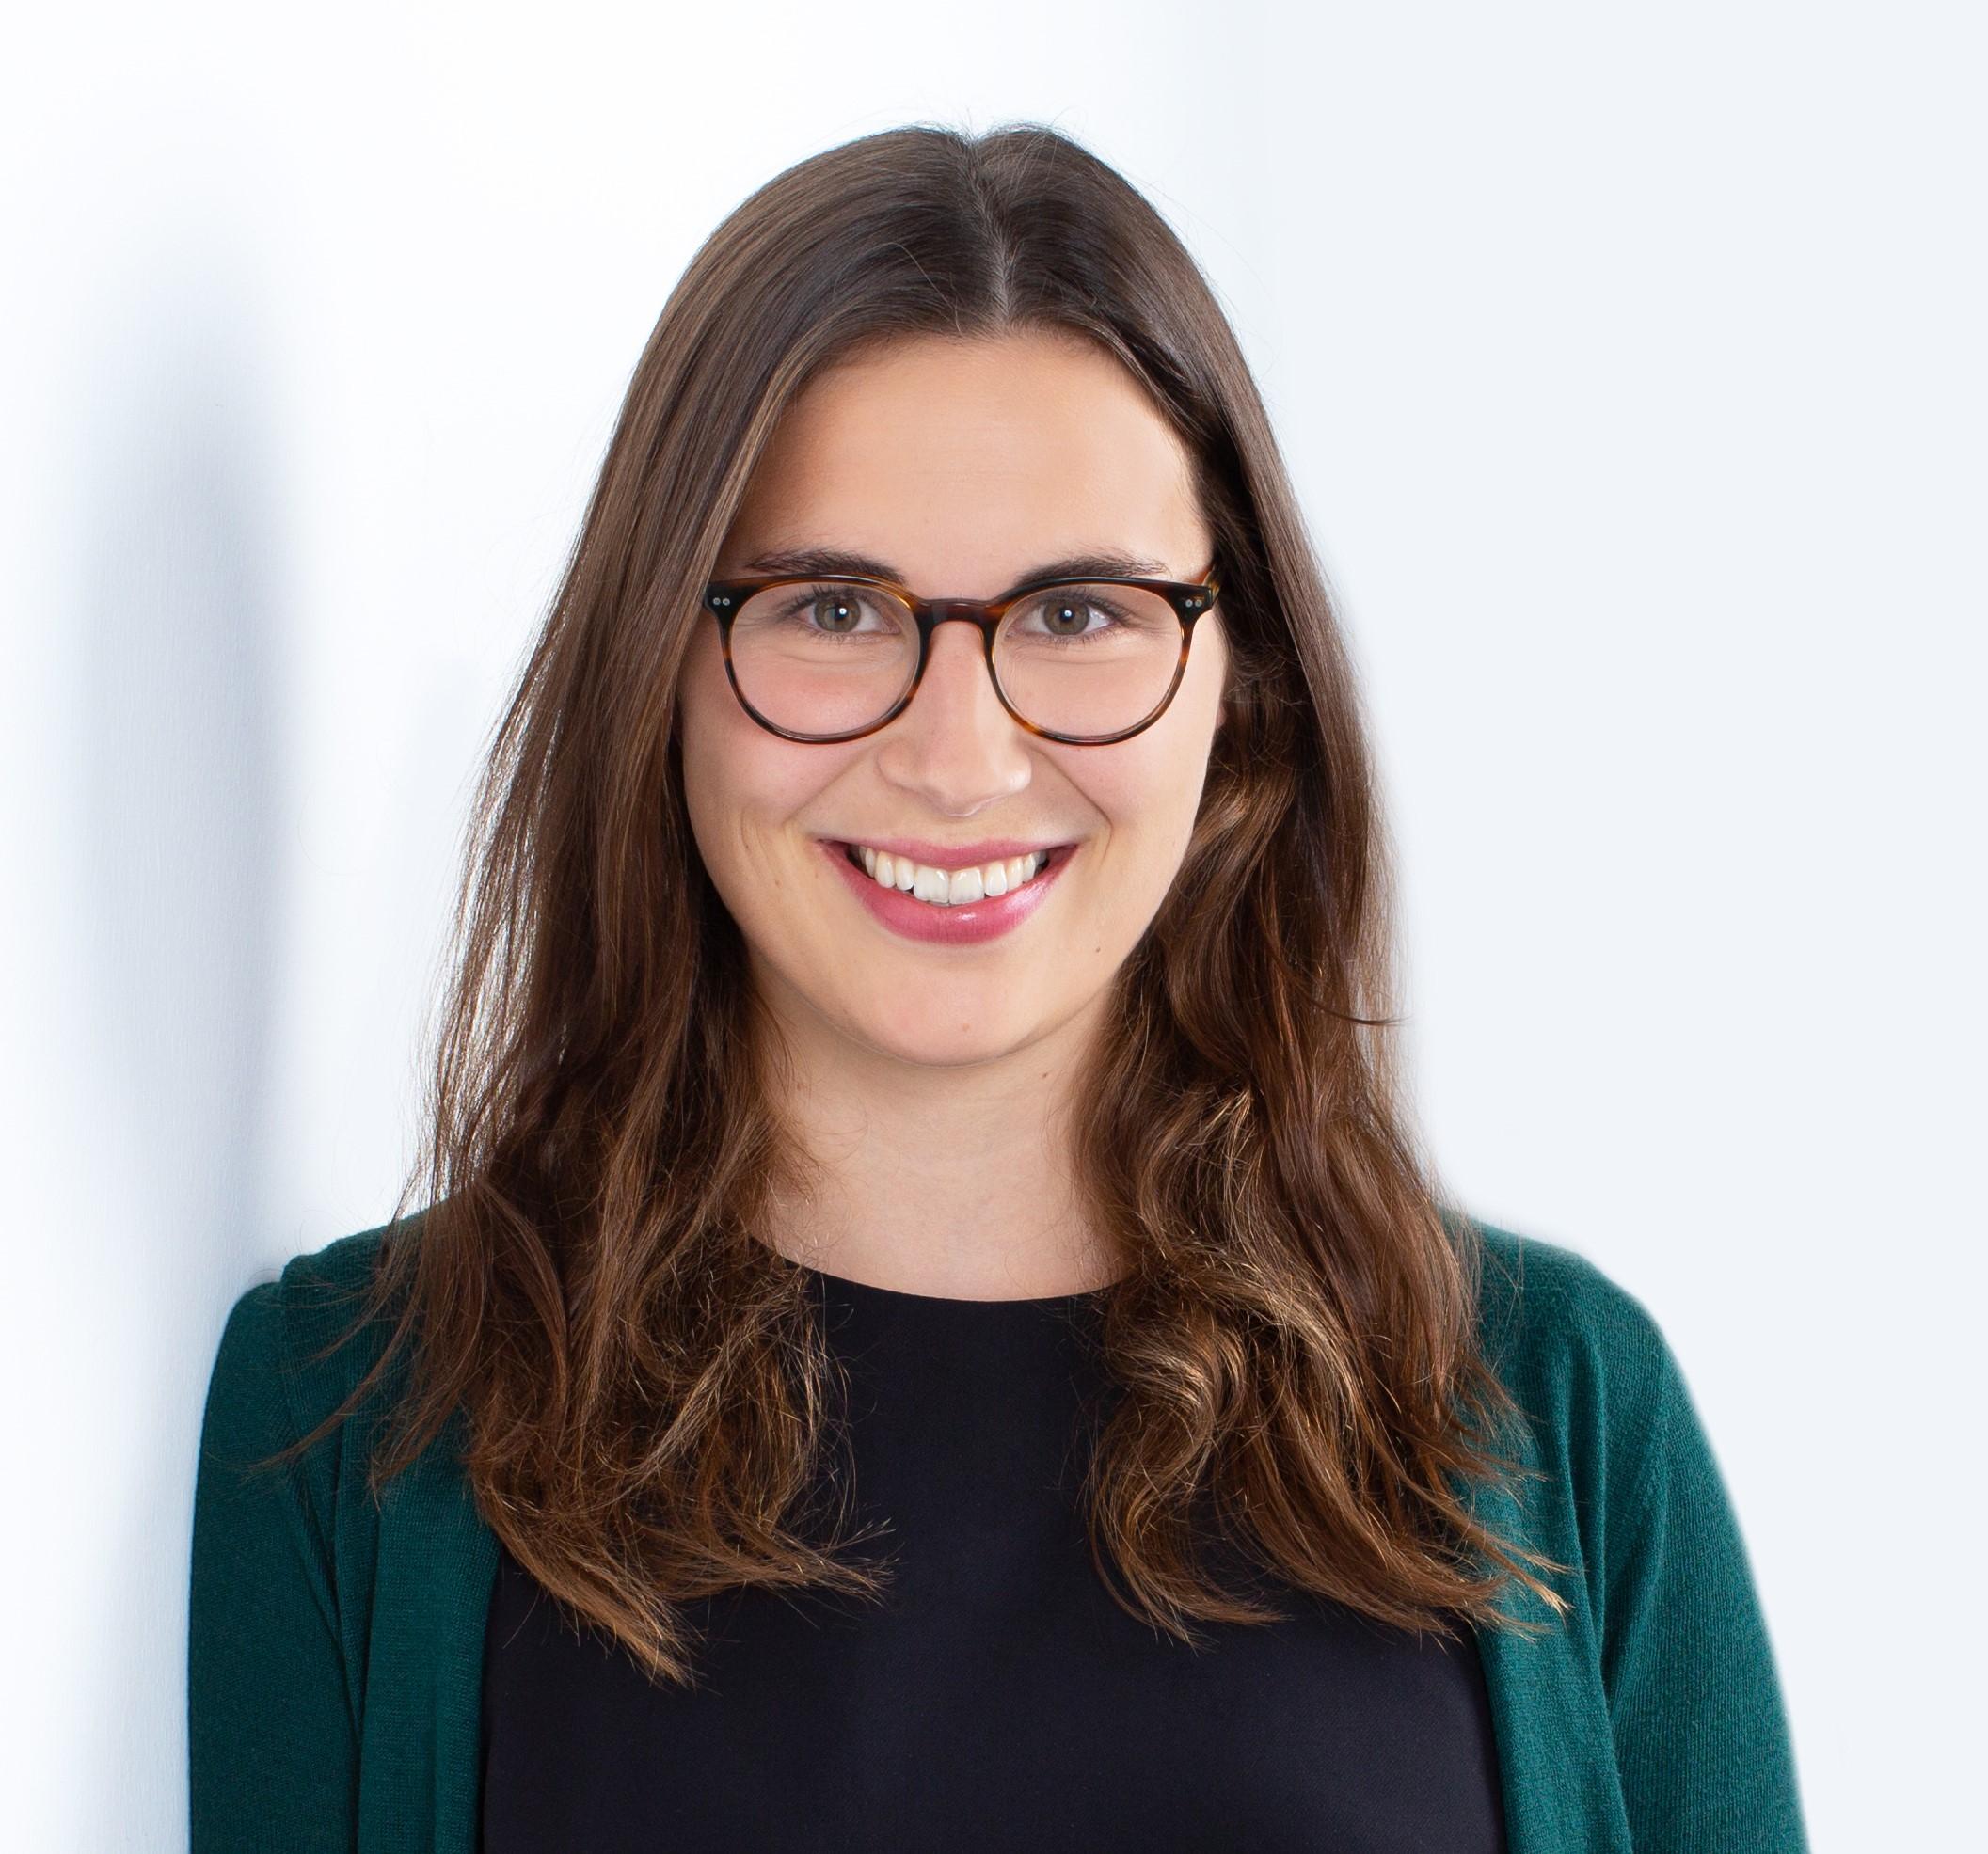 Julia Gundlach